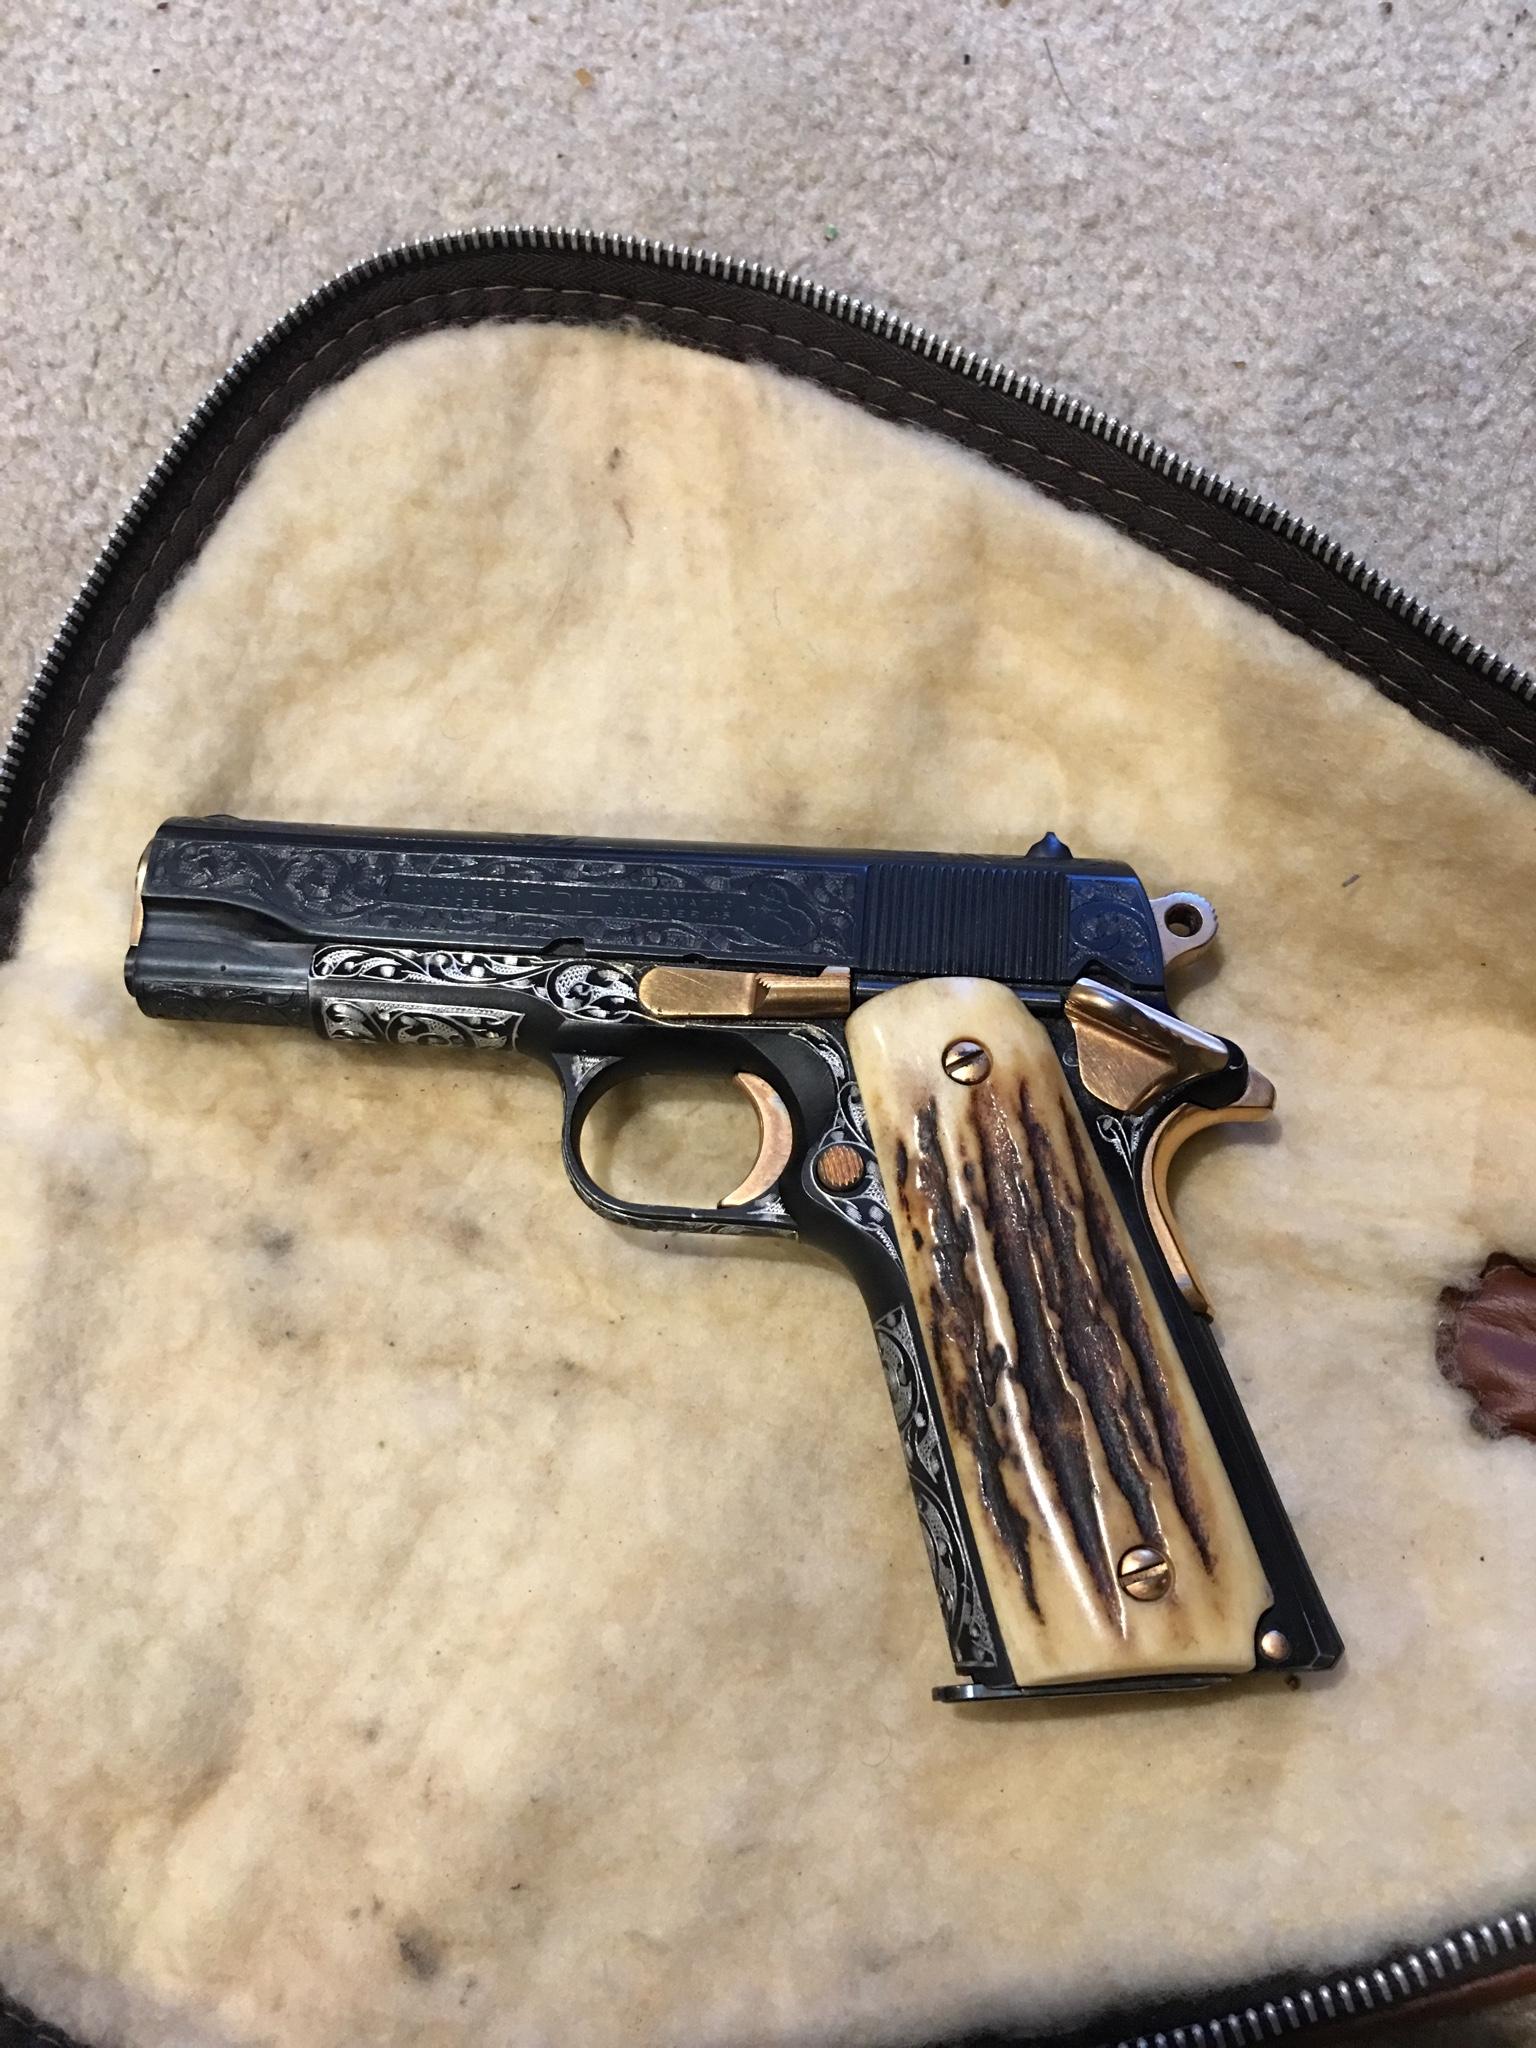 WTS: Engraved Colt Commander 1911 $1200